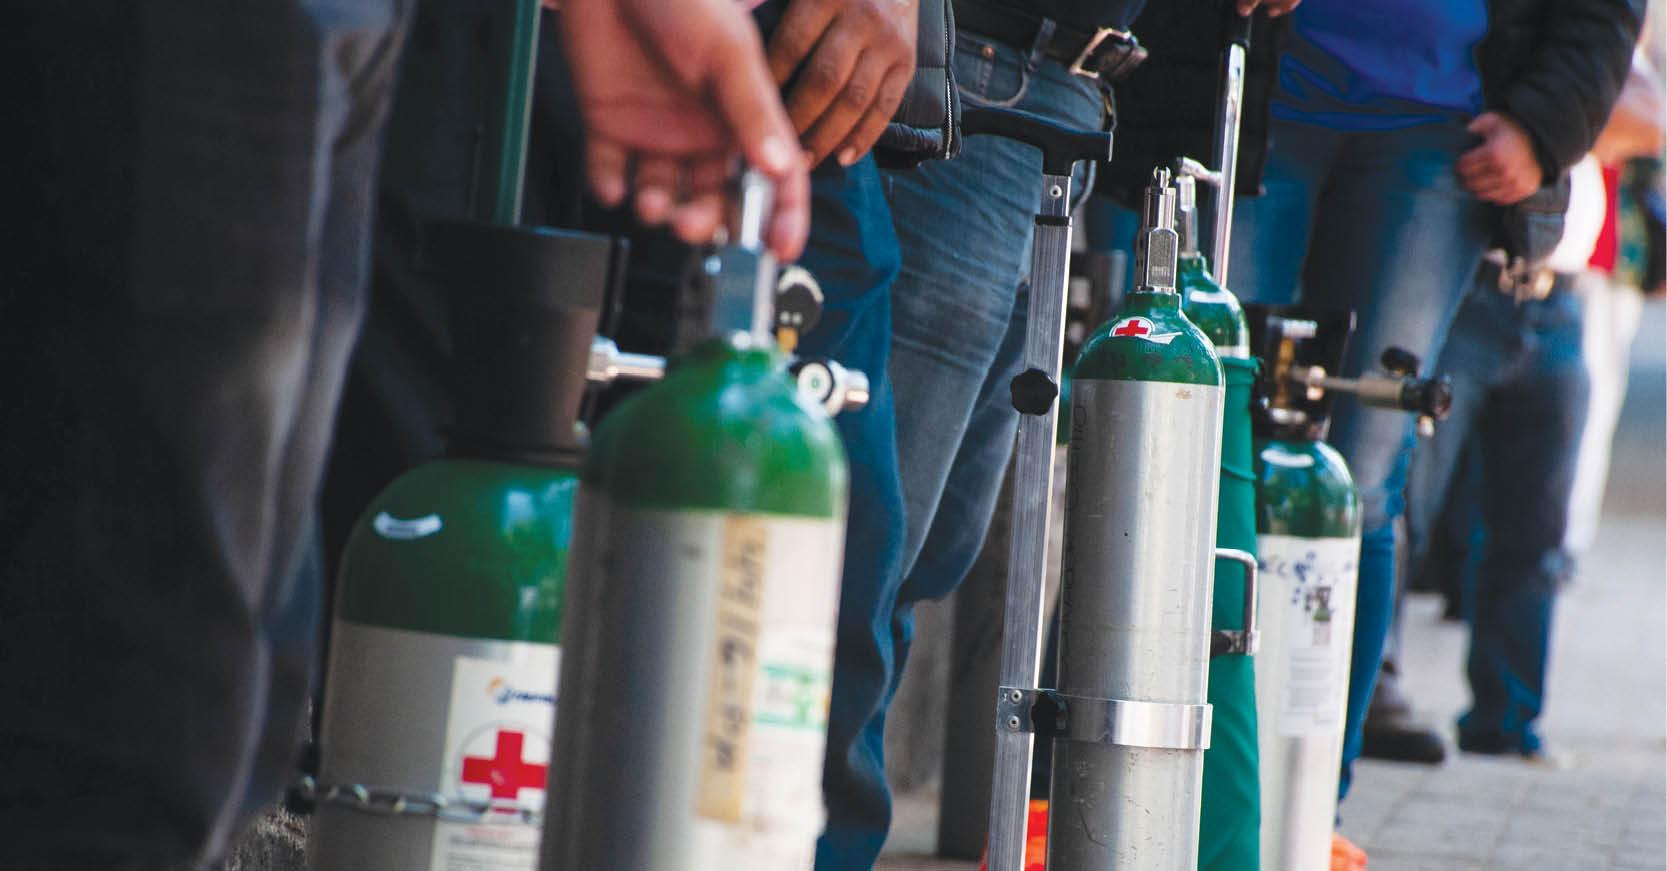 Las autoridades federales informaron que están persiguiendo y sancionando a quienes venden oxígeno a sobrecosto o defraudan